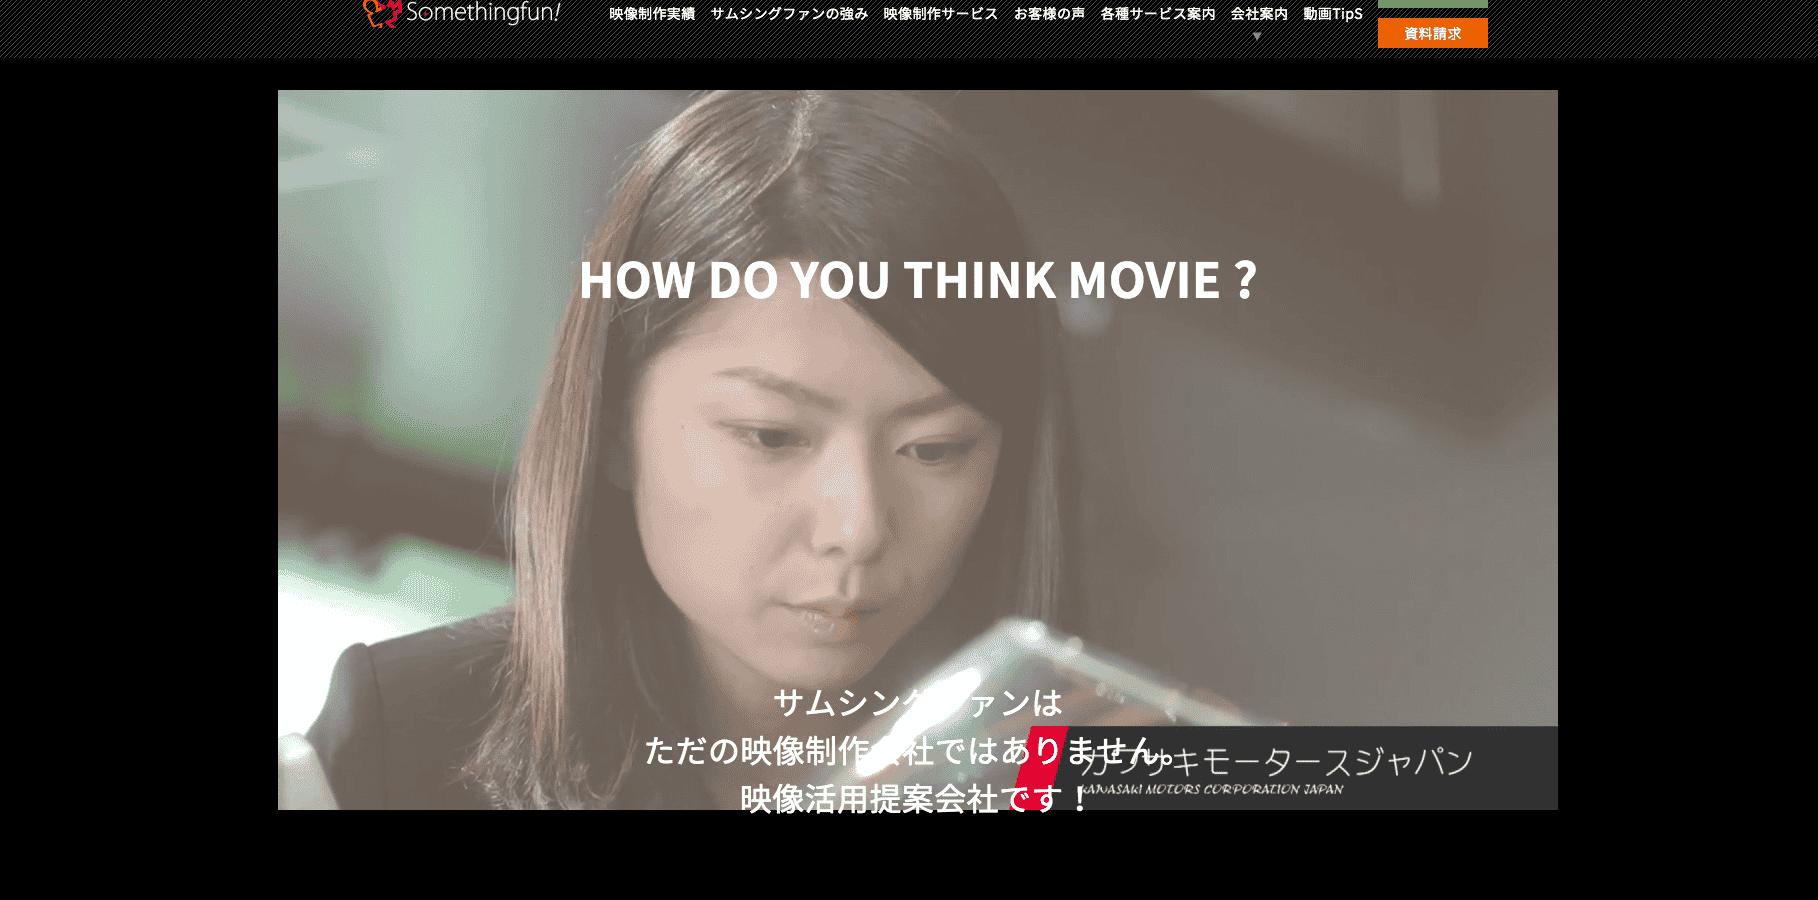 動画制作会社1:サムシングファン